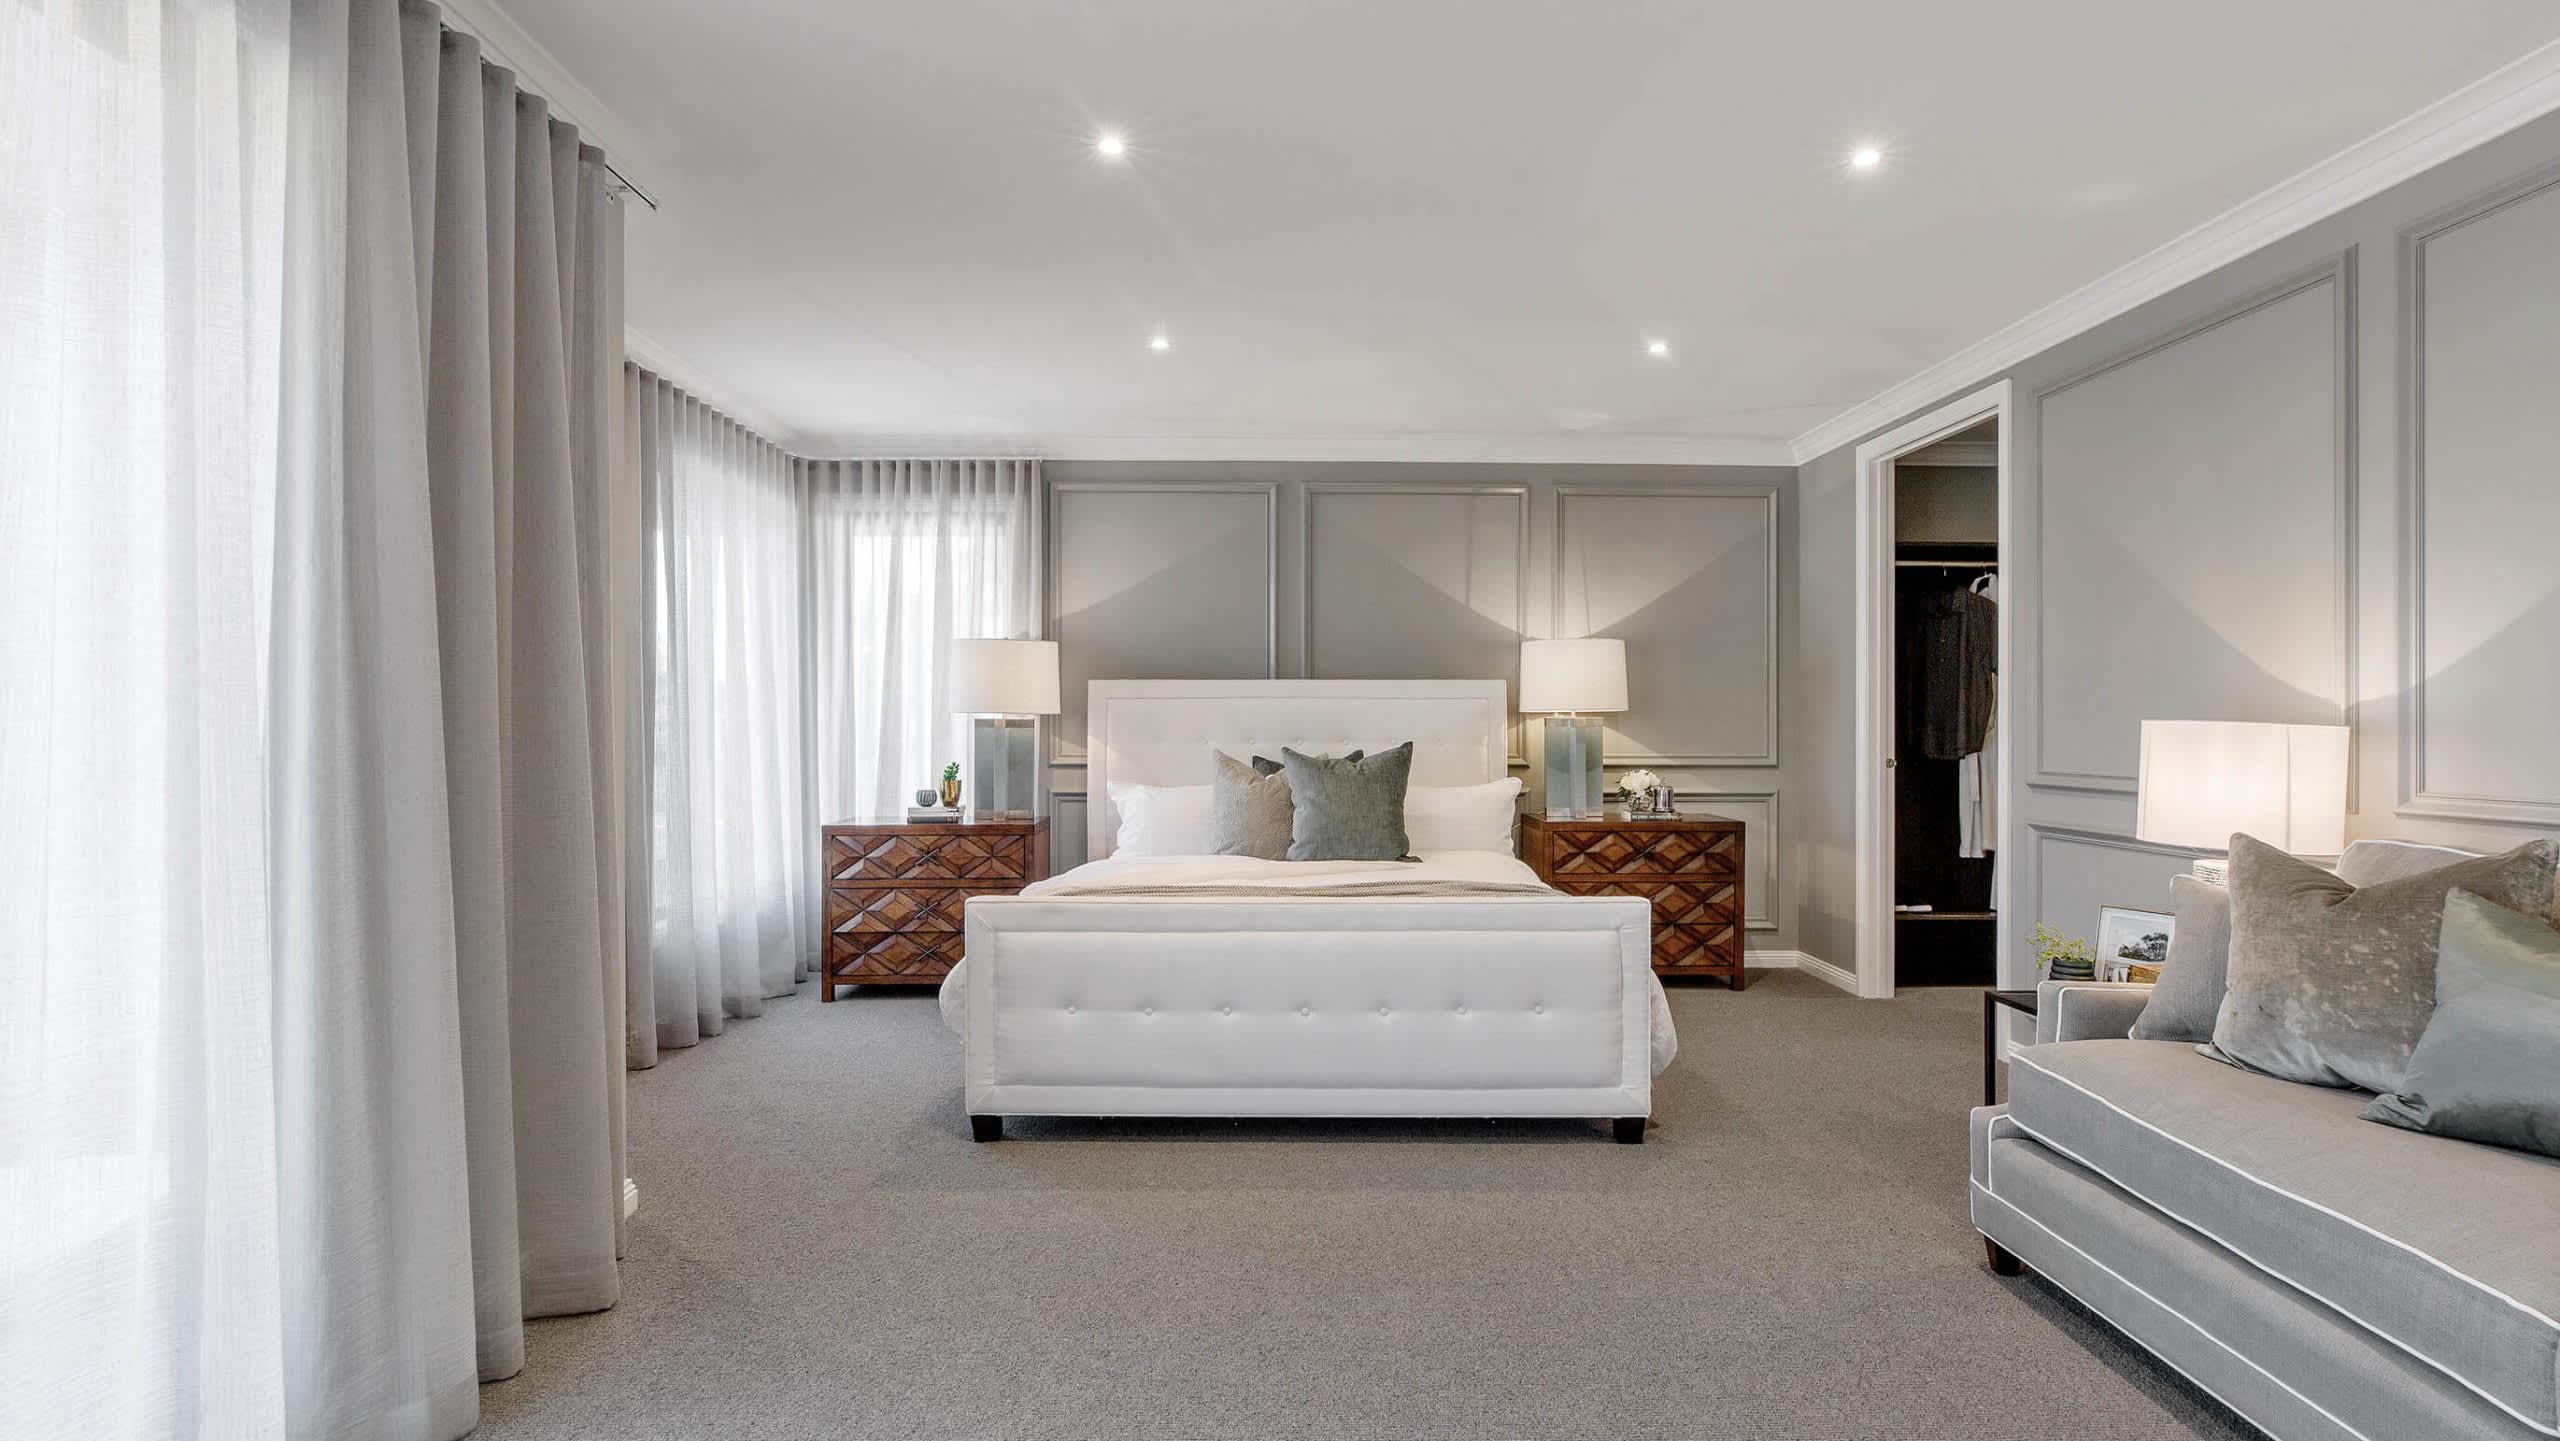 Bedroom/Linen